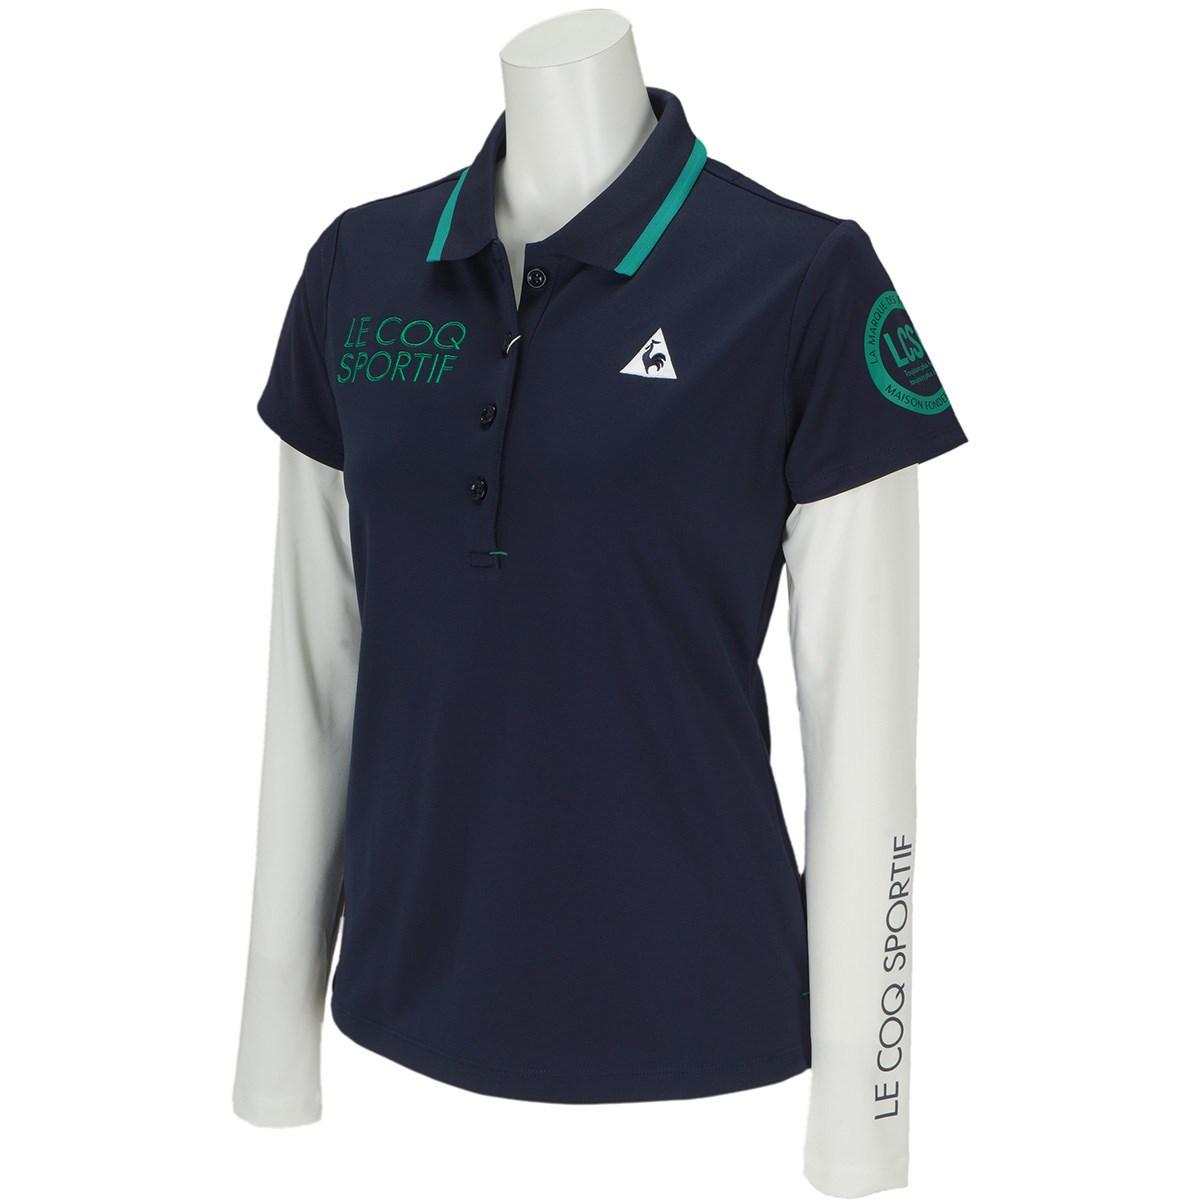 ルコックゴルフ Le coq sportif GOLF ストレッチ 長袖インナーシャツレイヤードセット 半袖ポロシャツ S ネイビー 00 レディス